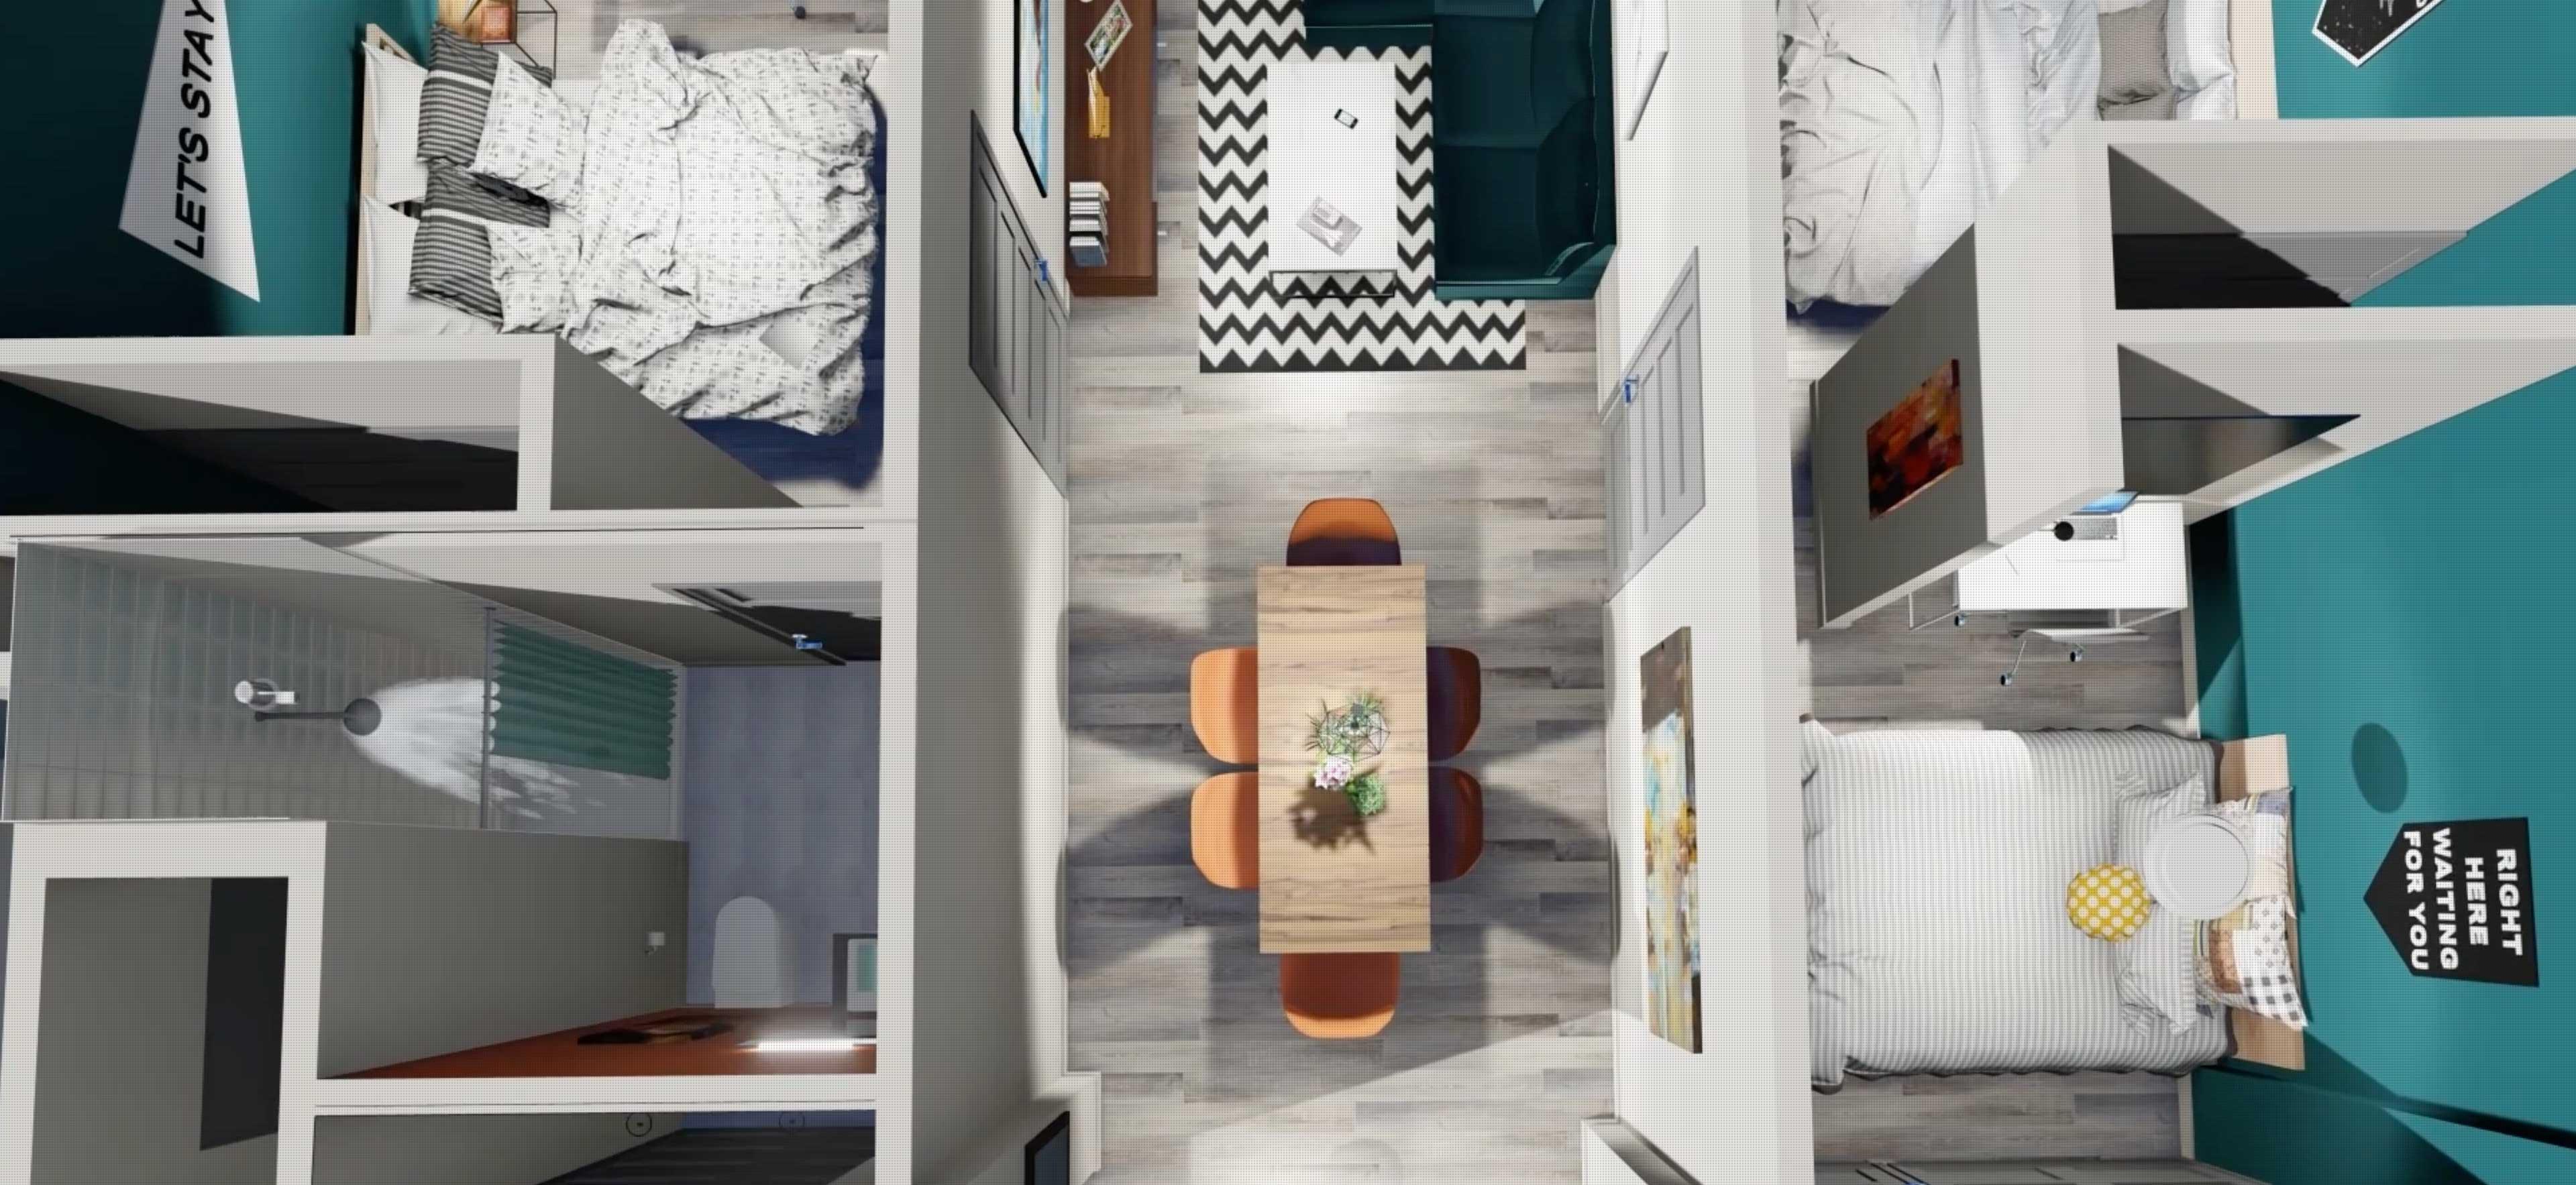 Theo_room